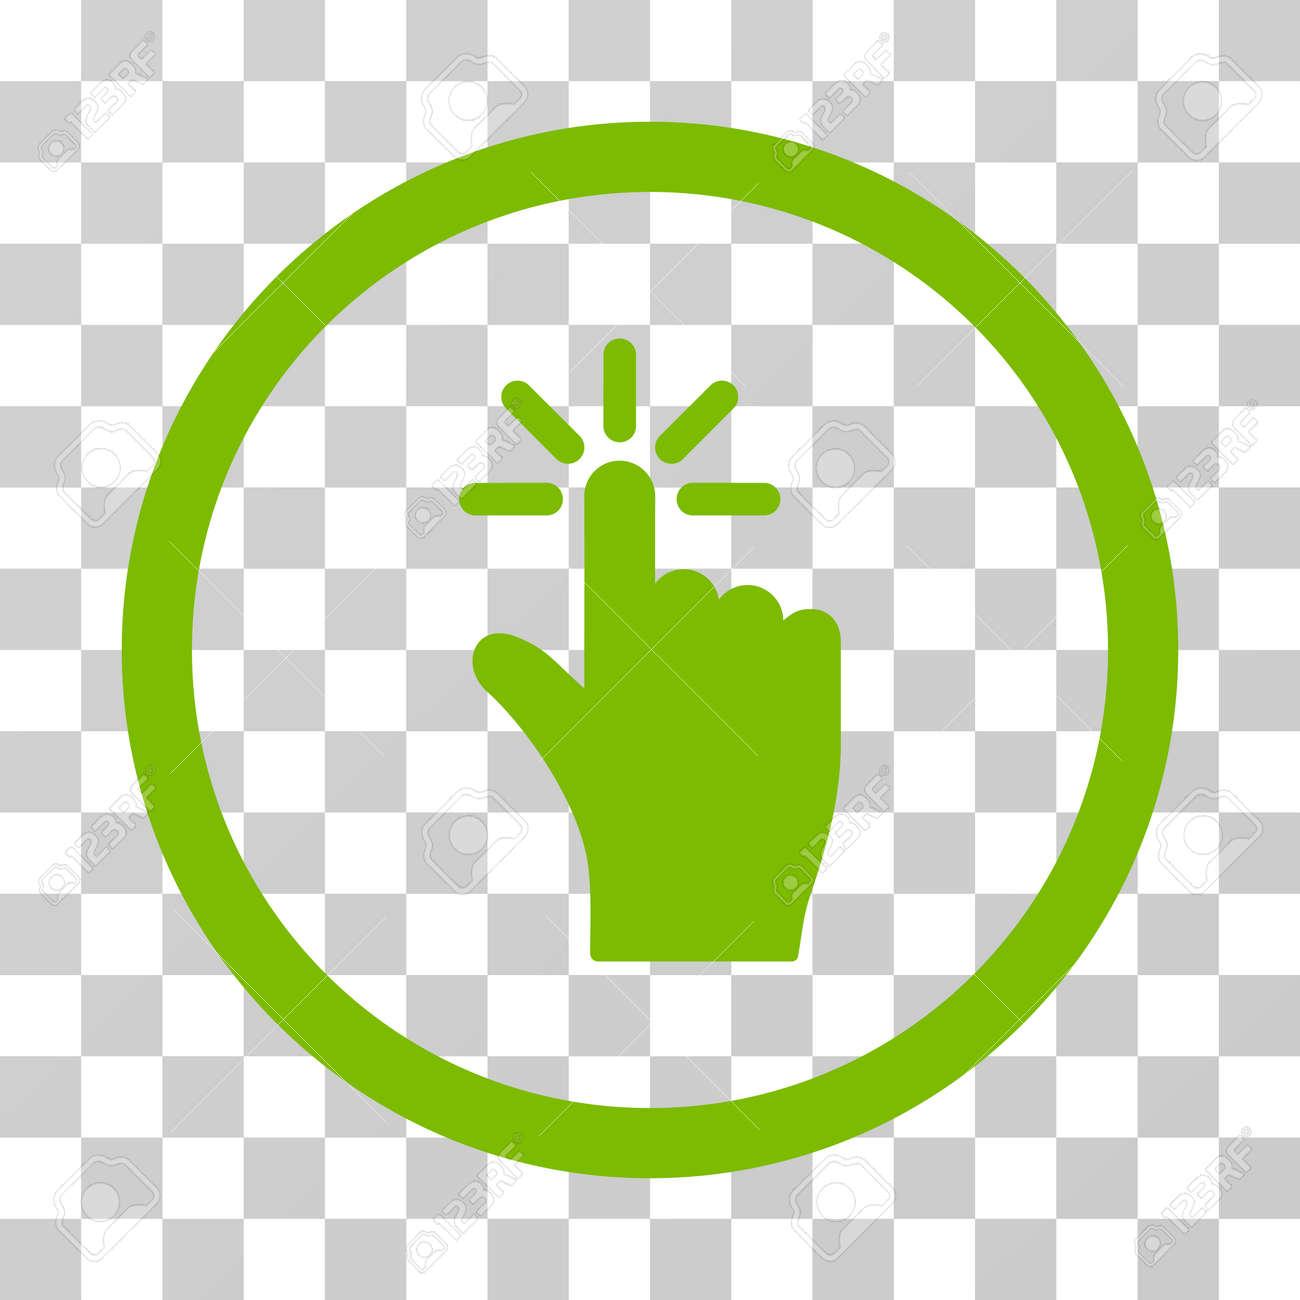 Vettoriale Fare Clic Sull Icona Arrotondato Stile Vettore E